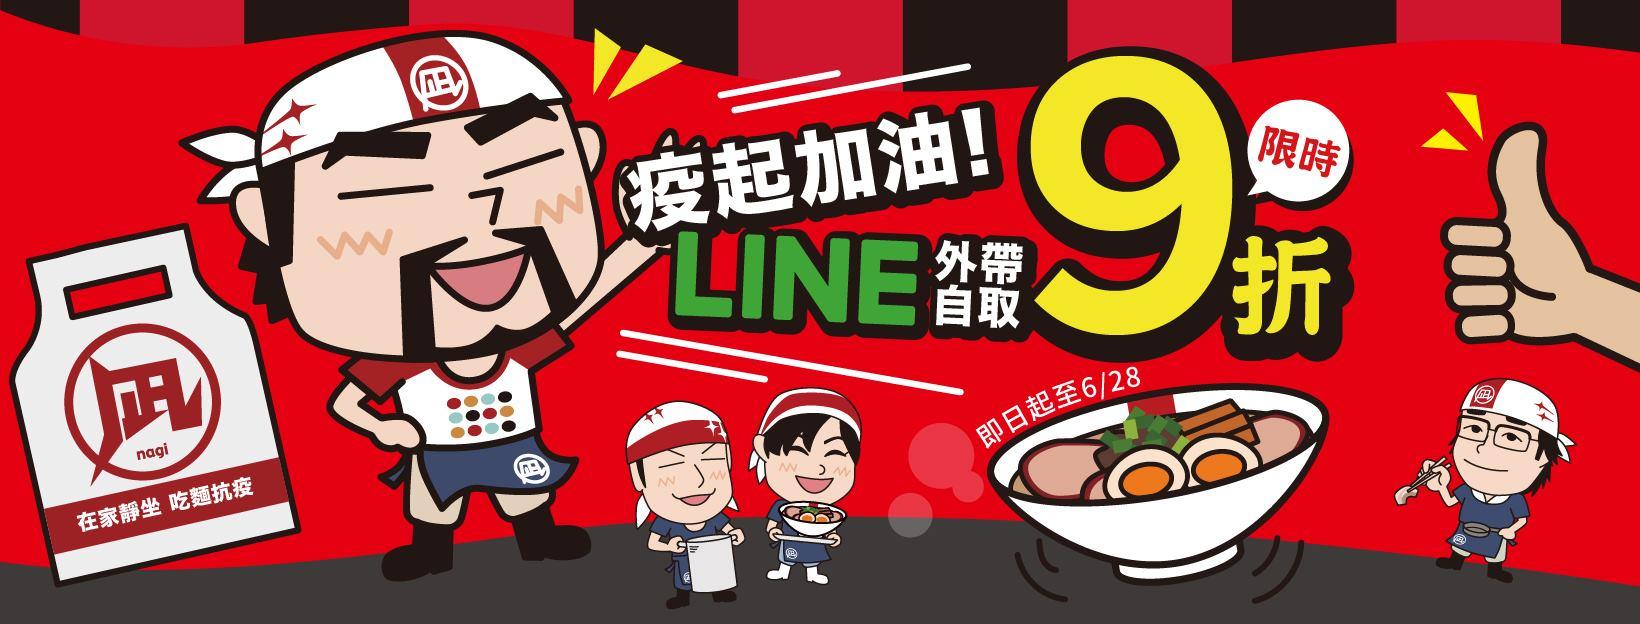 台北外帶美食 優惠餐廳總整理 防疫期間外帶優惠總整理! 連鎖品牌外帶優惠懶人包 52